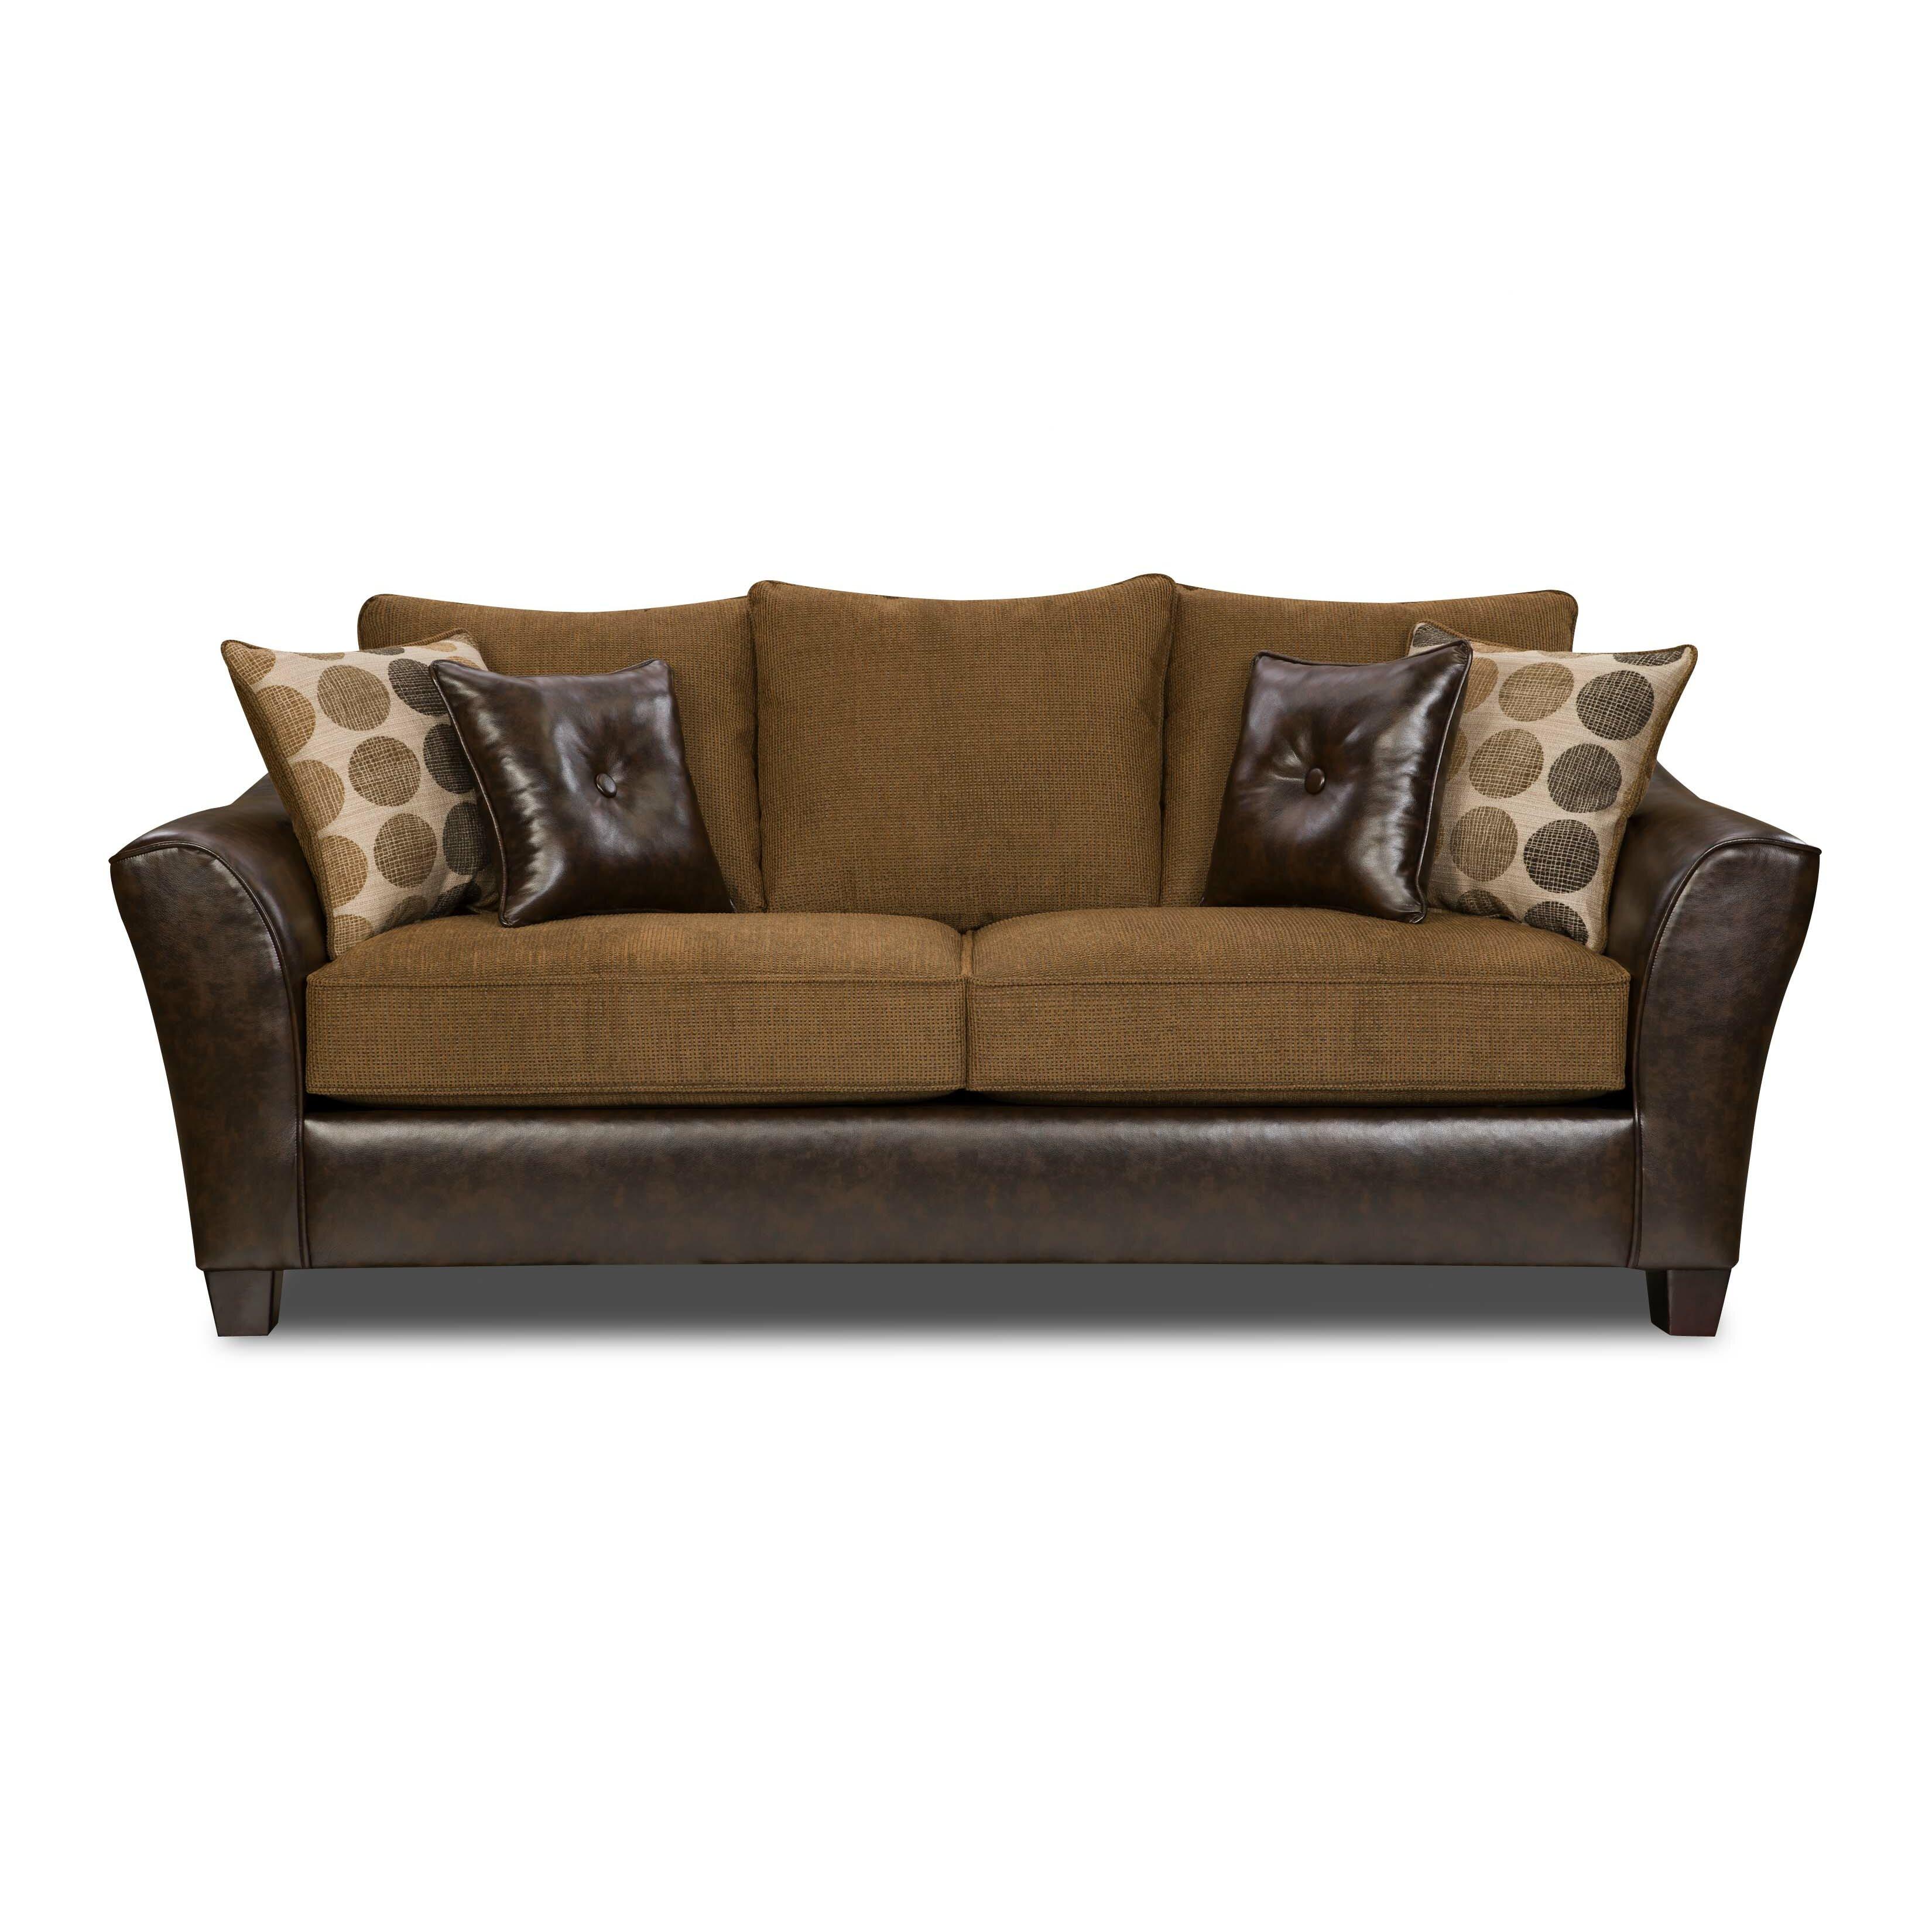 Modern Sofa Richmond: Chelsea Home Richmond Sofa